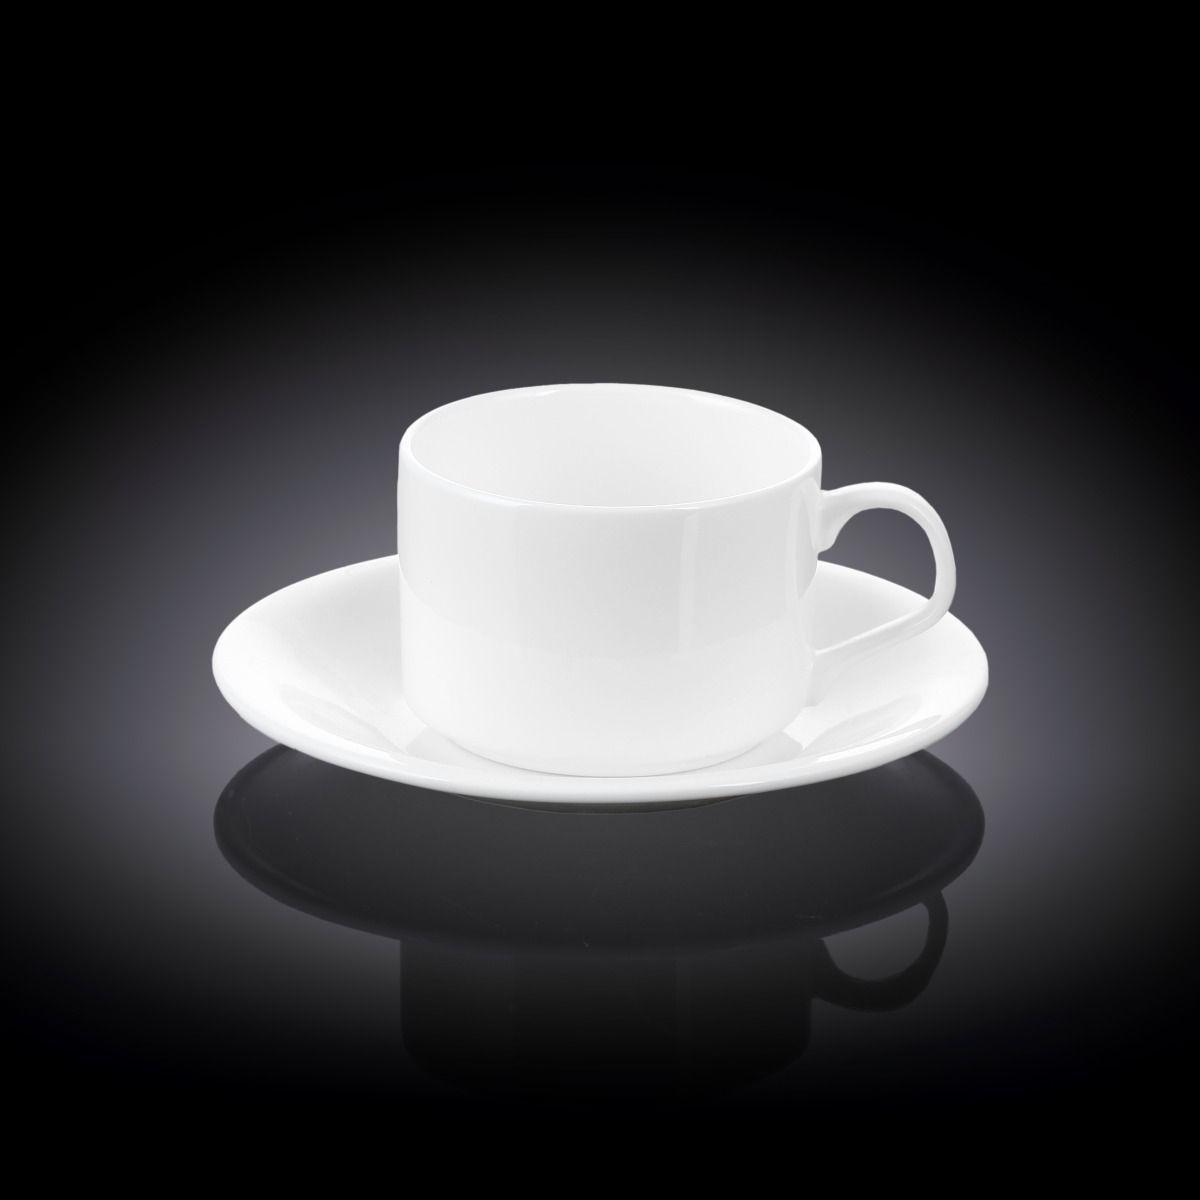 Чашка чайная Wilmax 160 мл с блюдцем